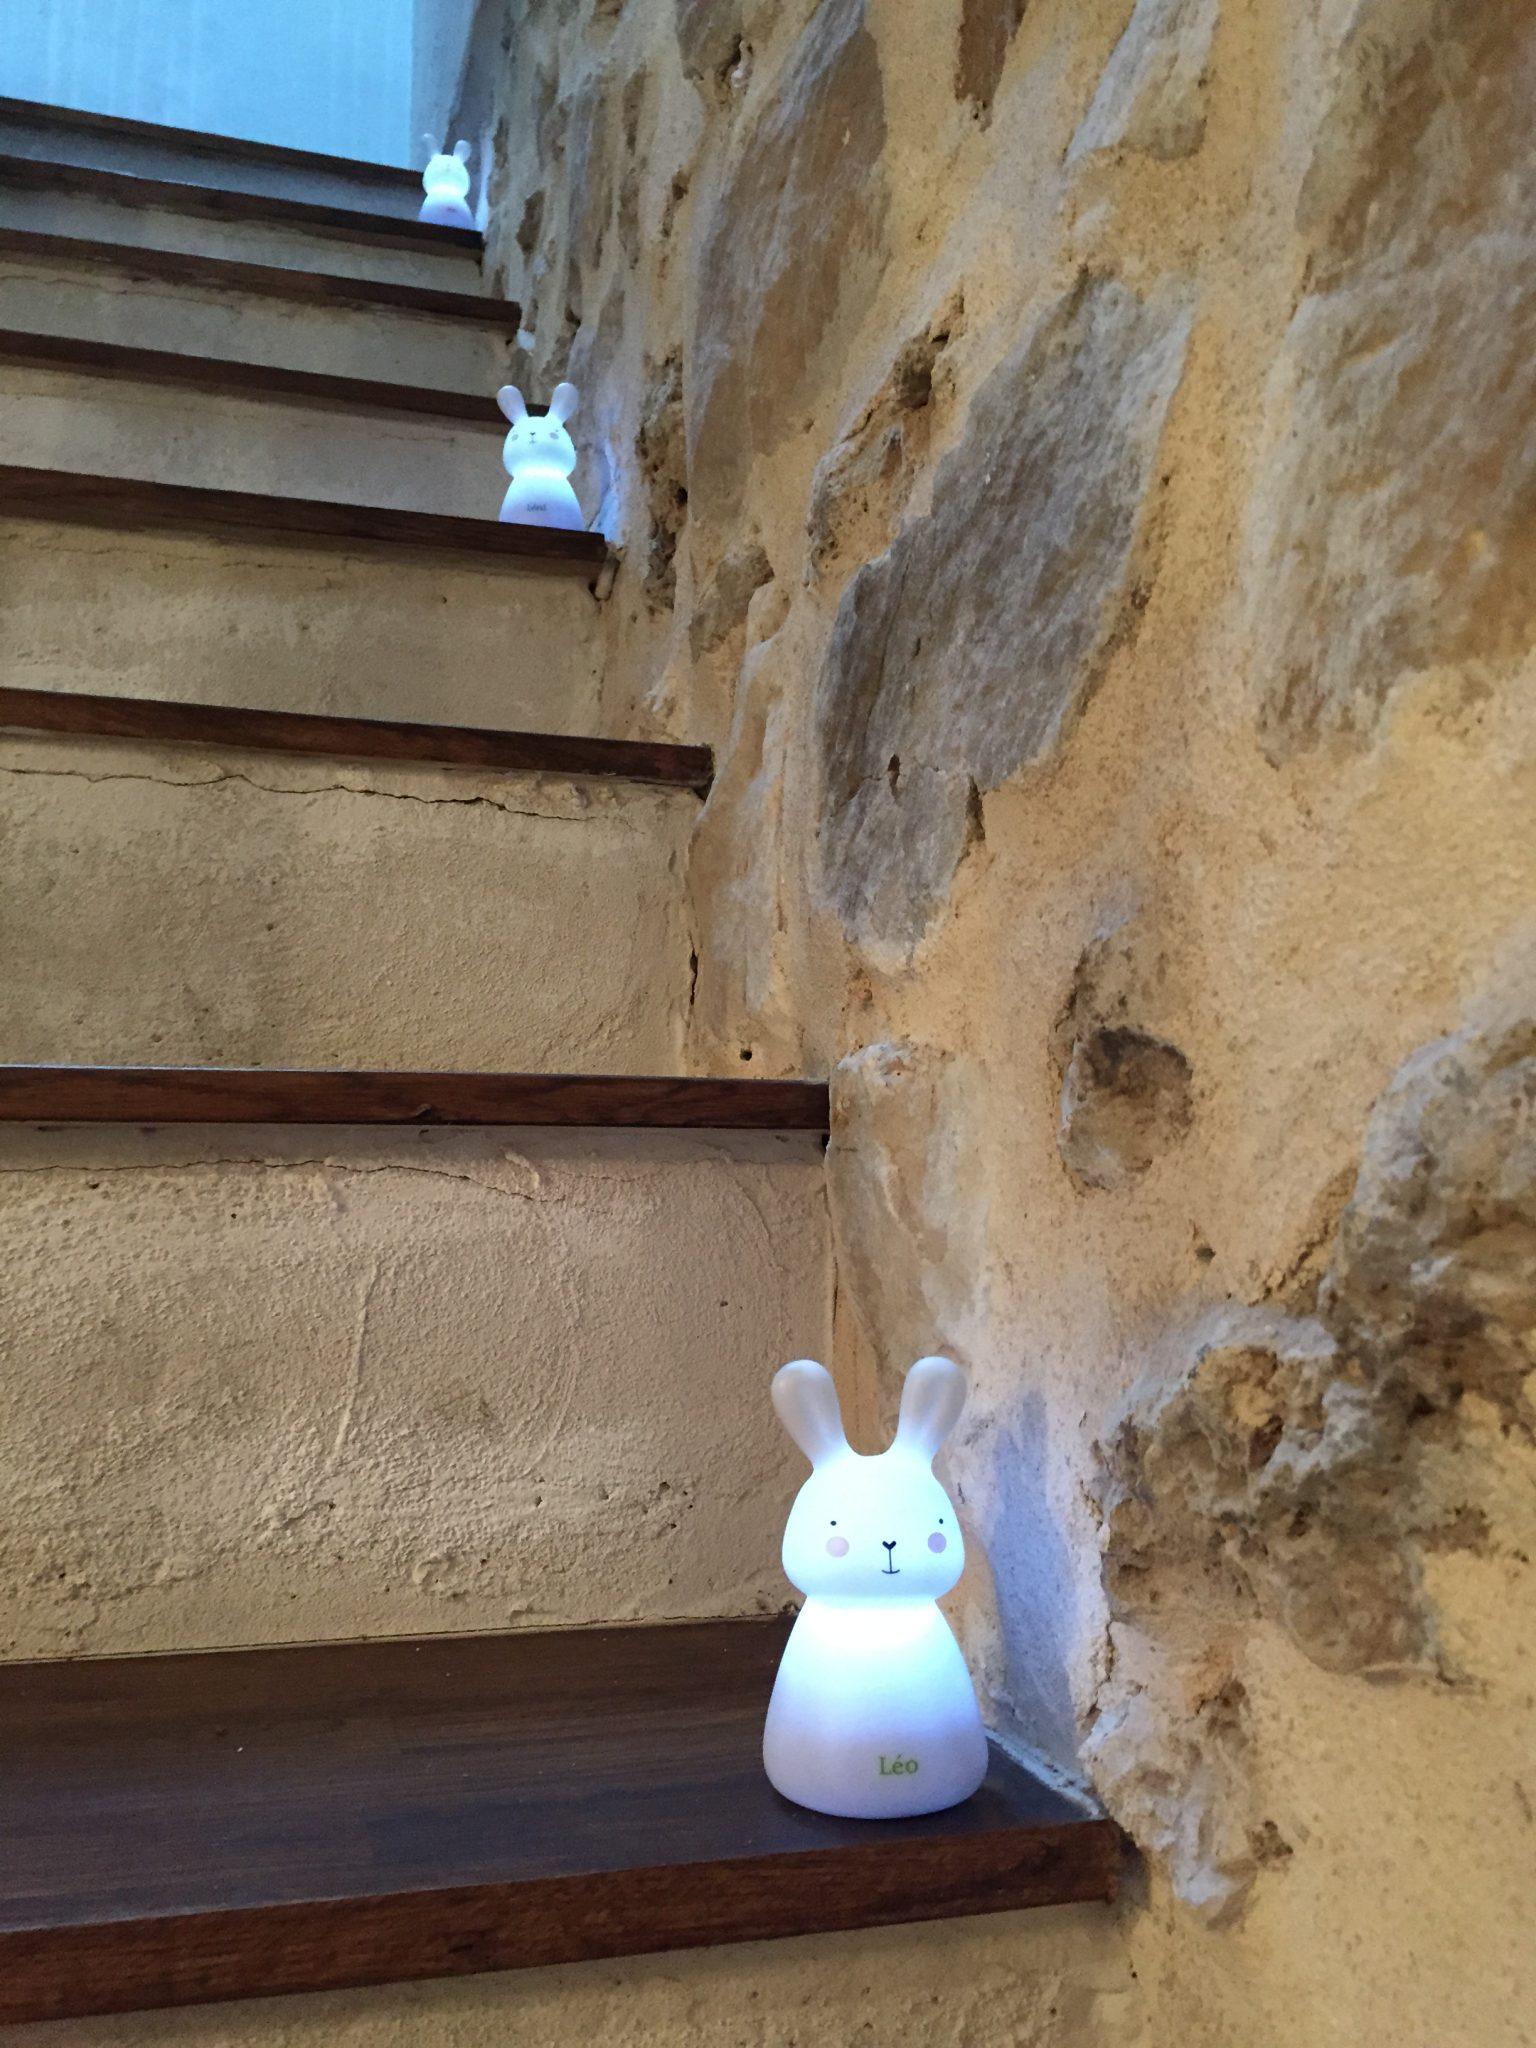 Olala konijntjes